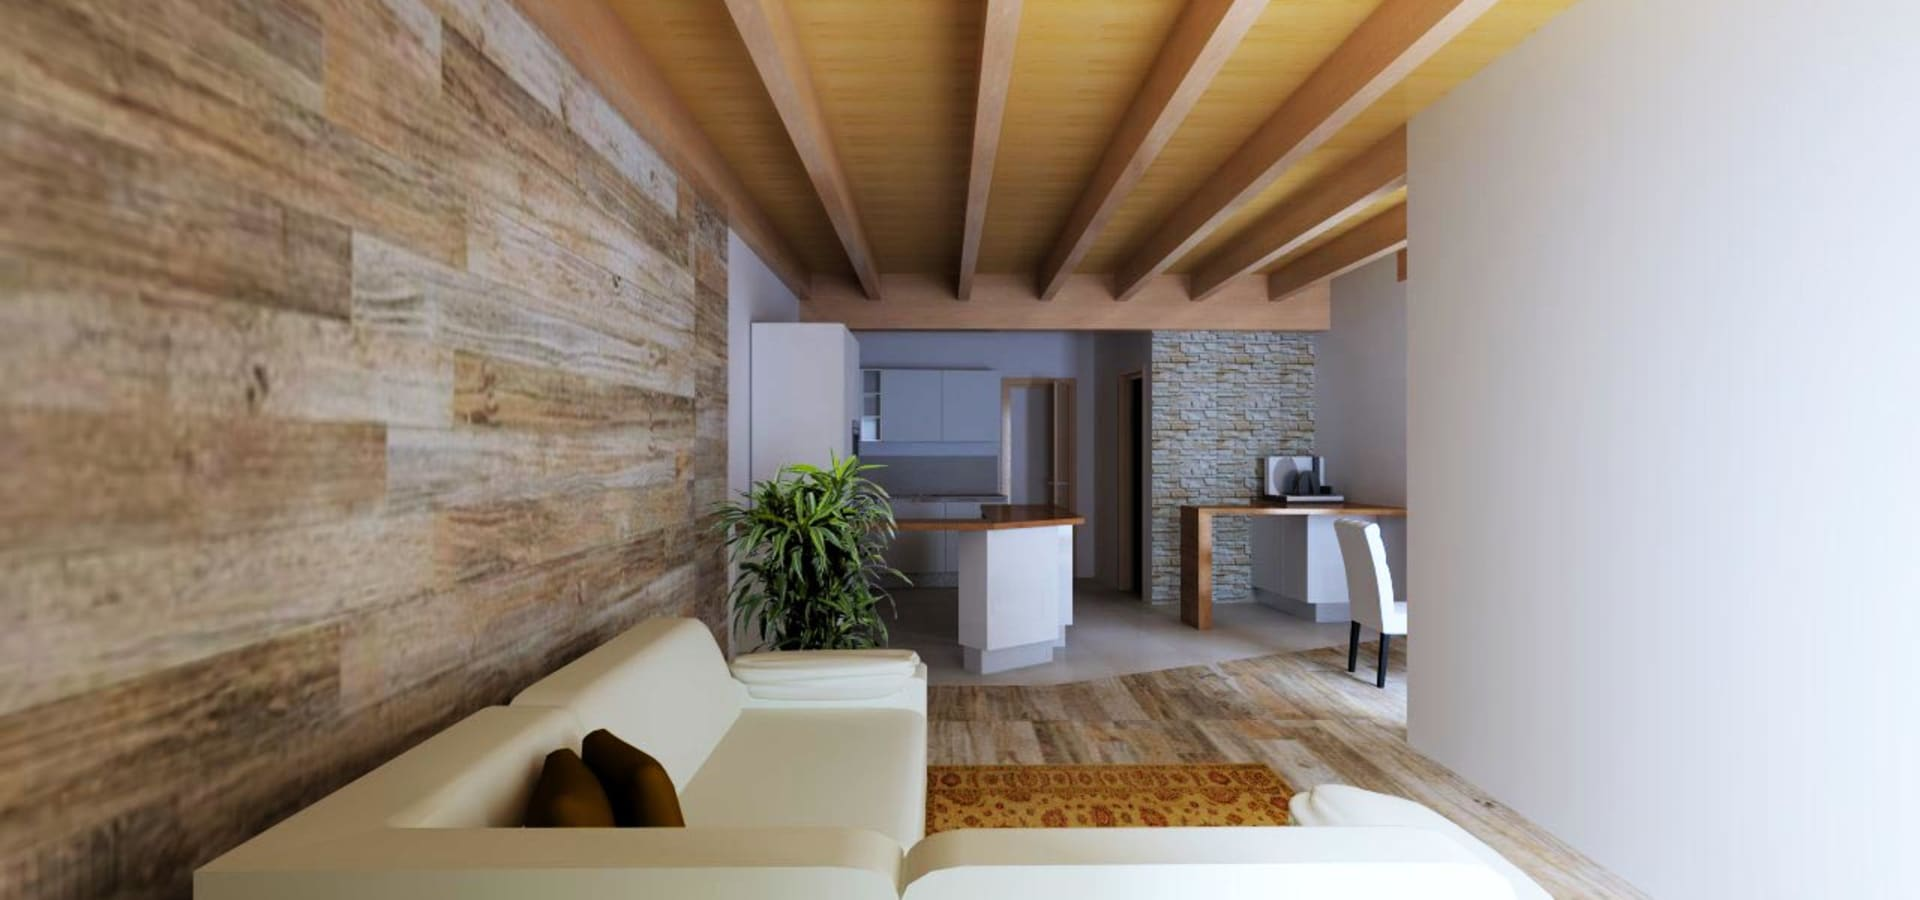 Beautiful Azienda Soggiorno Cortina Pictures - Design Trends 2017 ...